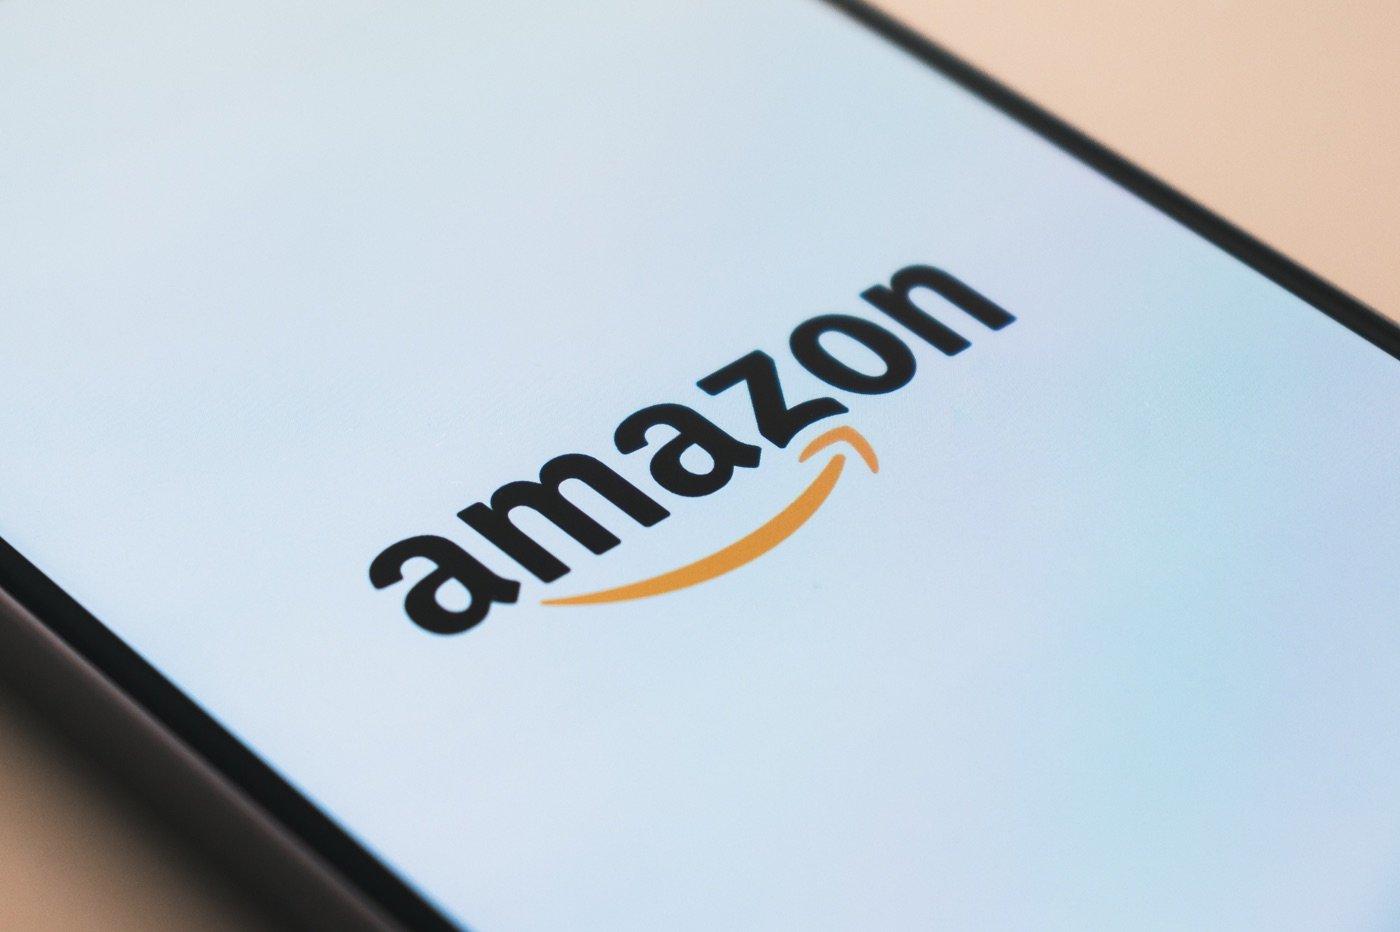 L'iPad, produit Apple le plus prisé des Amazon Prime Day 2019 1